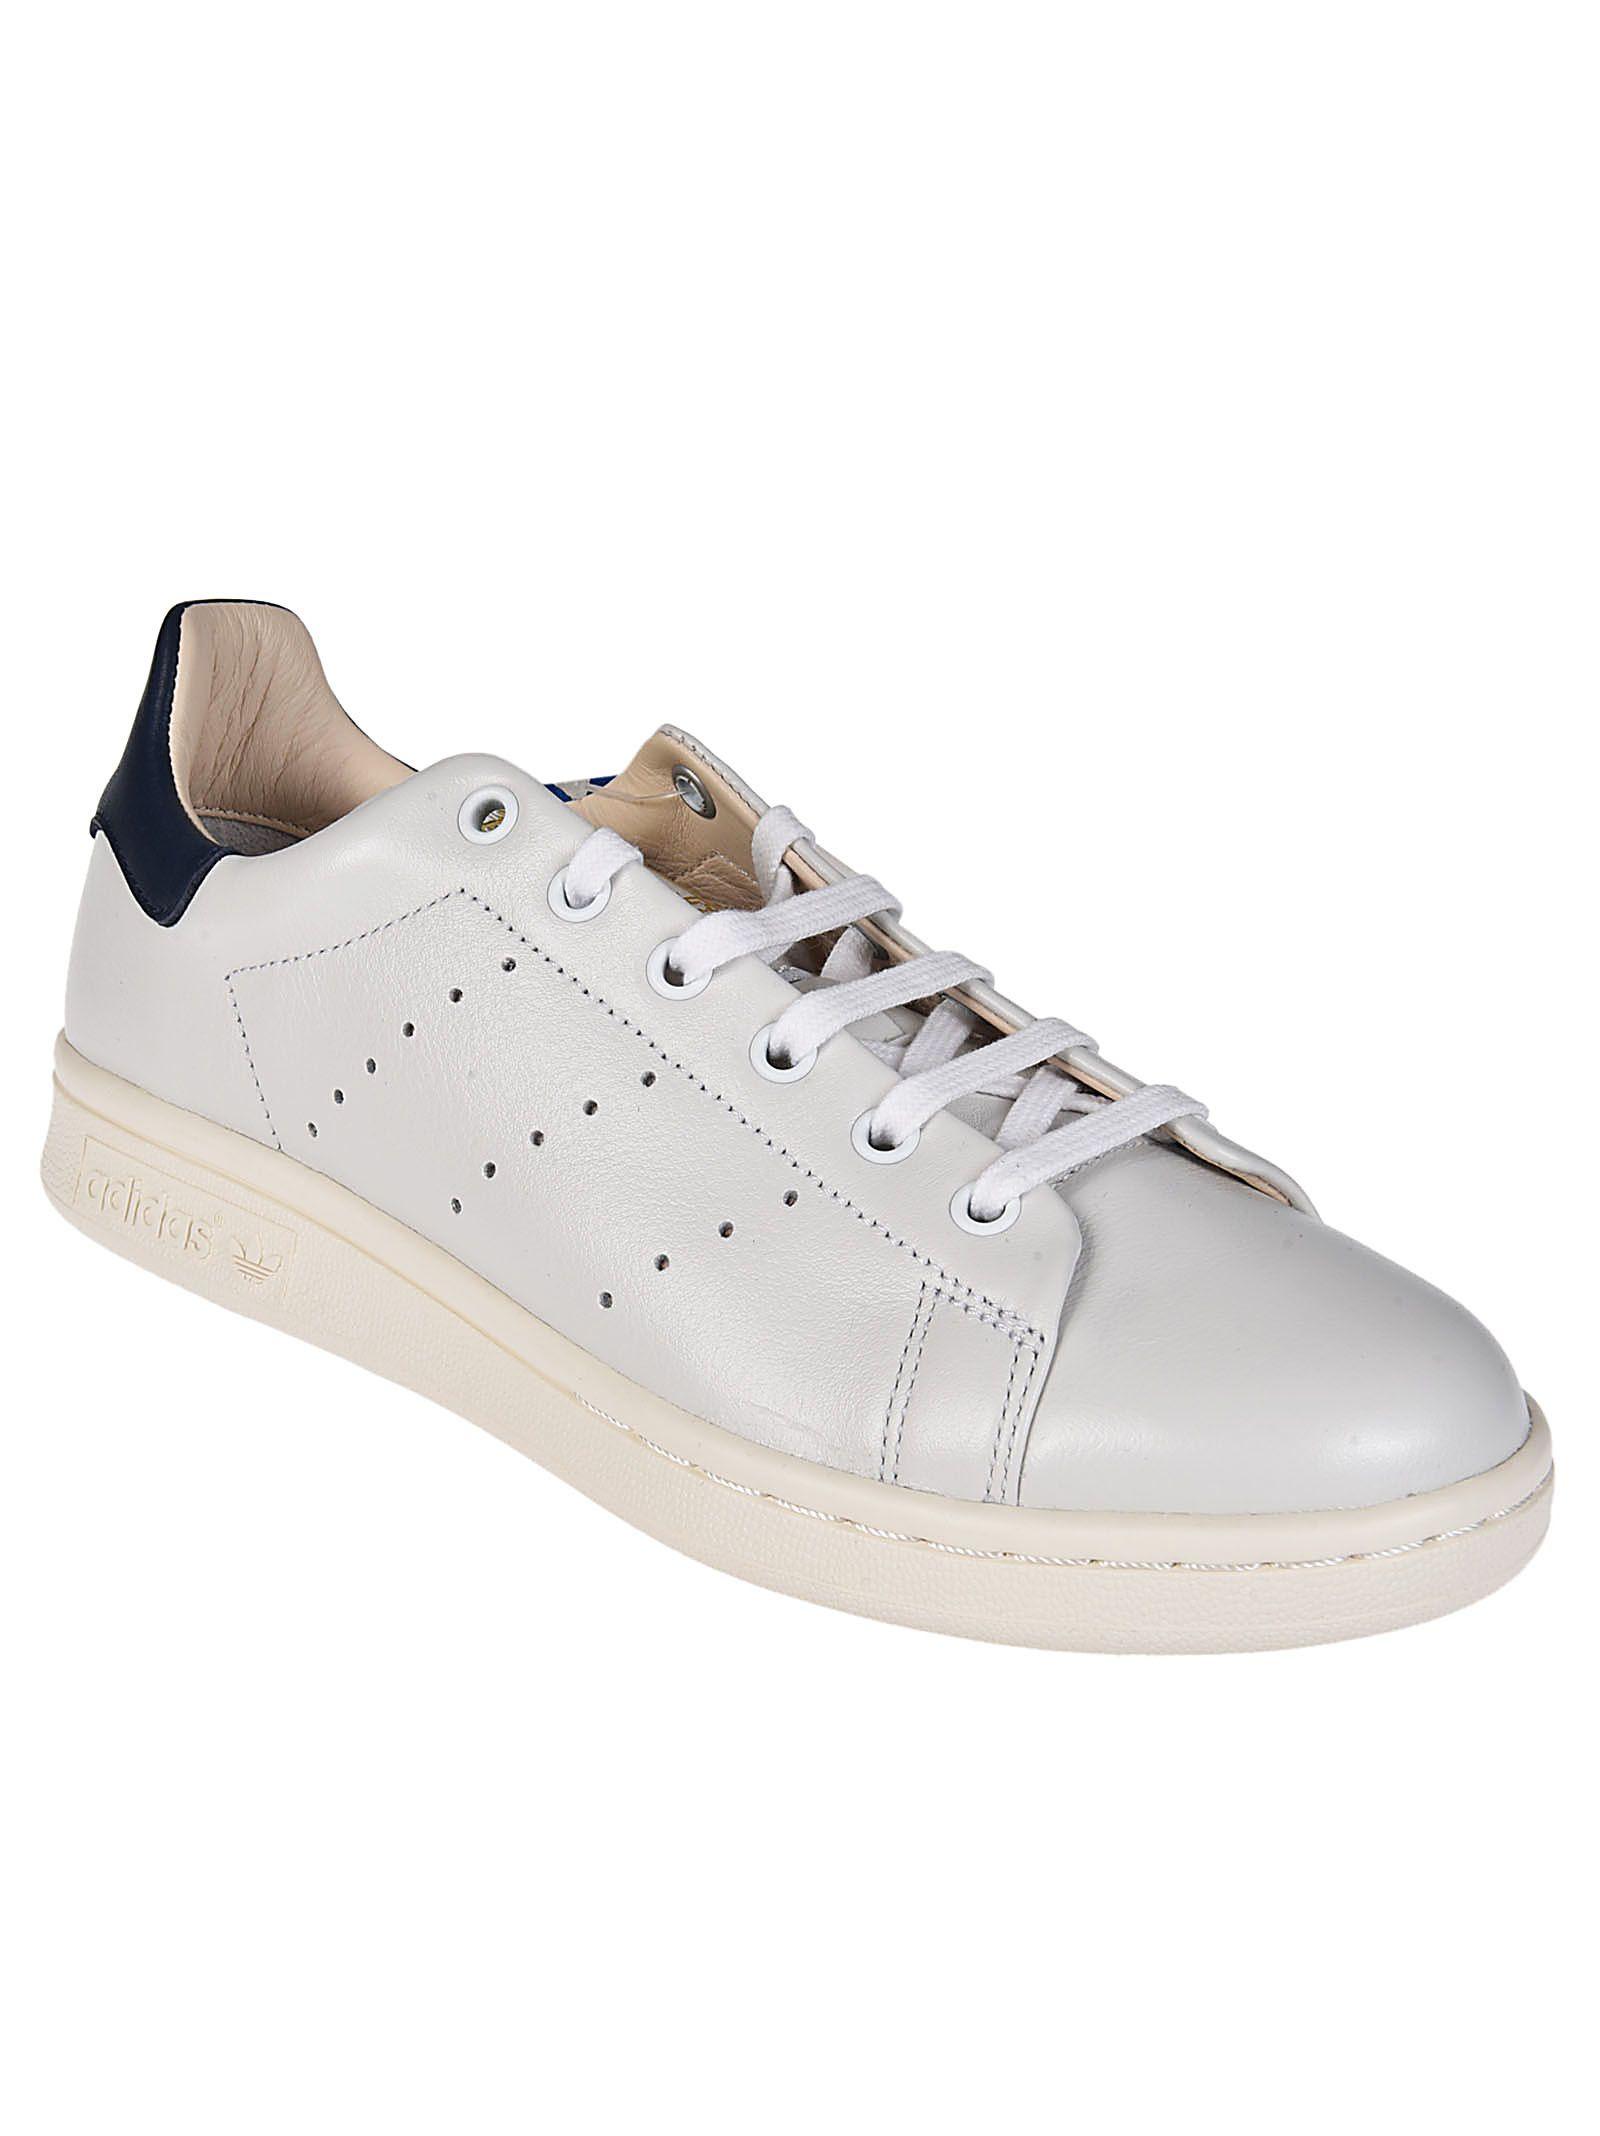 Adidas Originals Stan Smith Recon Sneakers Adidas Originals Stan Smith Recon  Sneakers ...